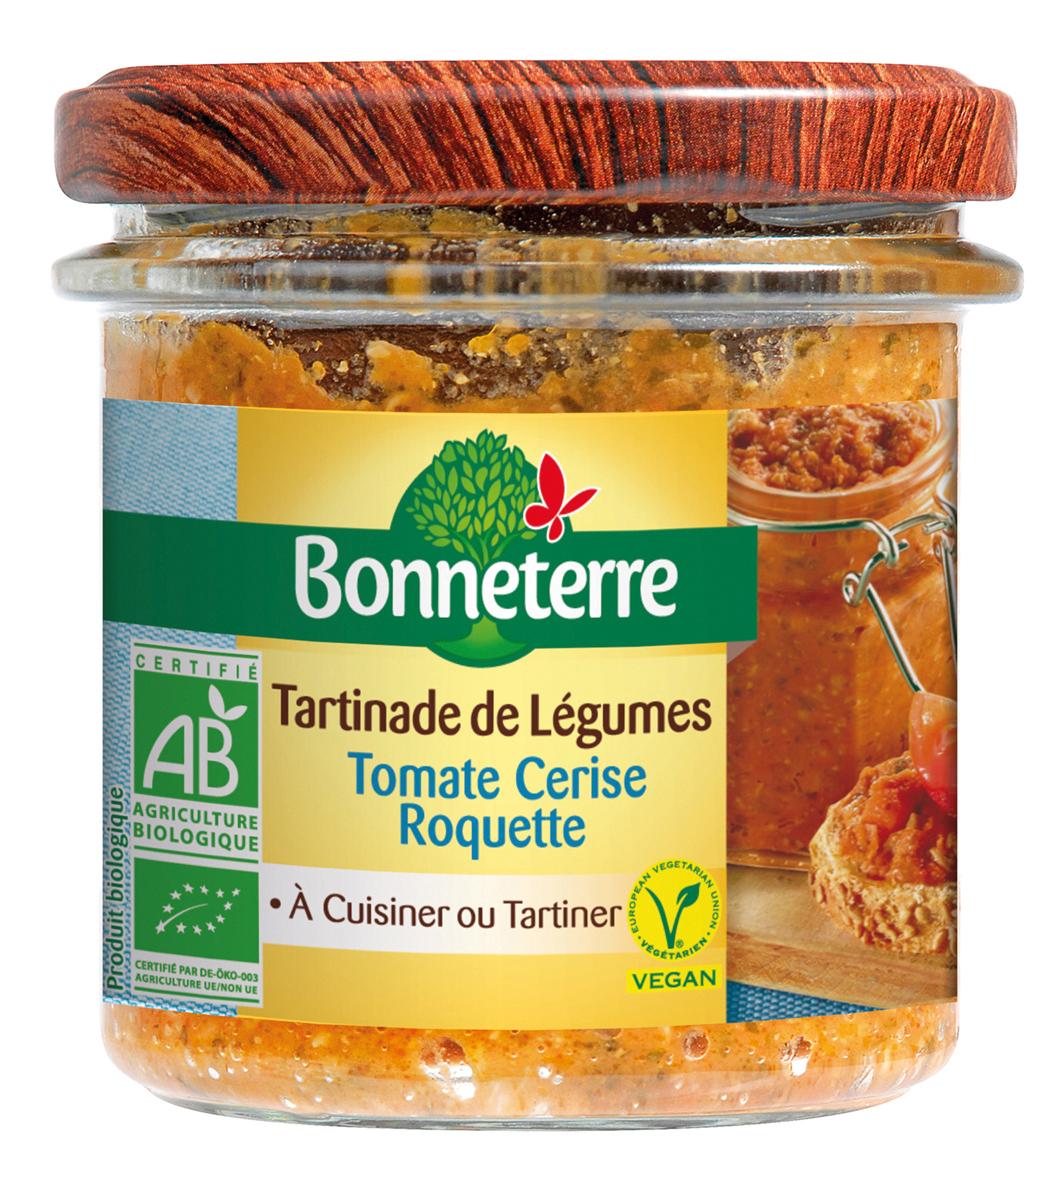 Tartinade de légumes Tomate cerise Roquette - Bonneterre